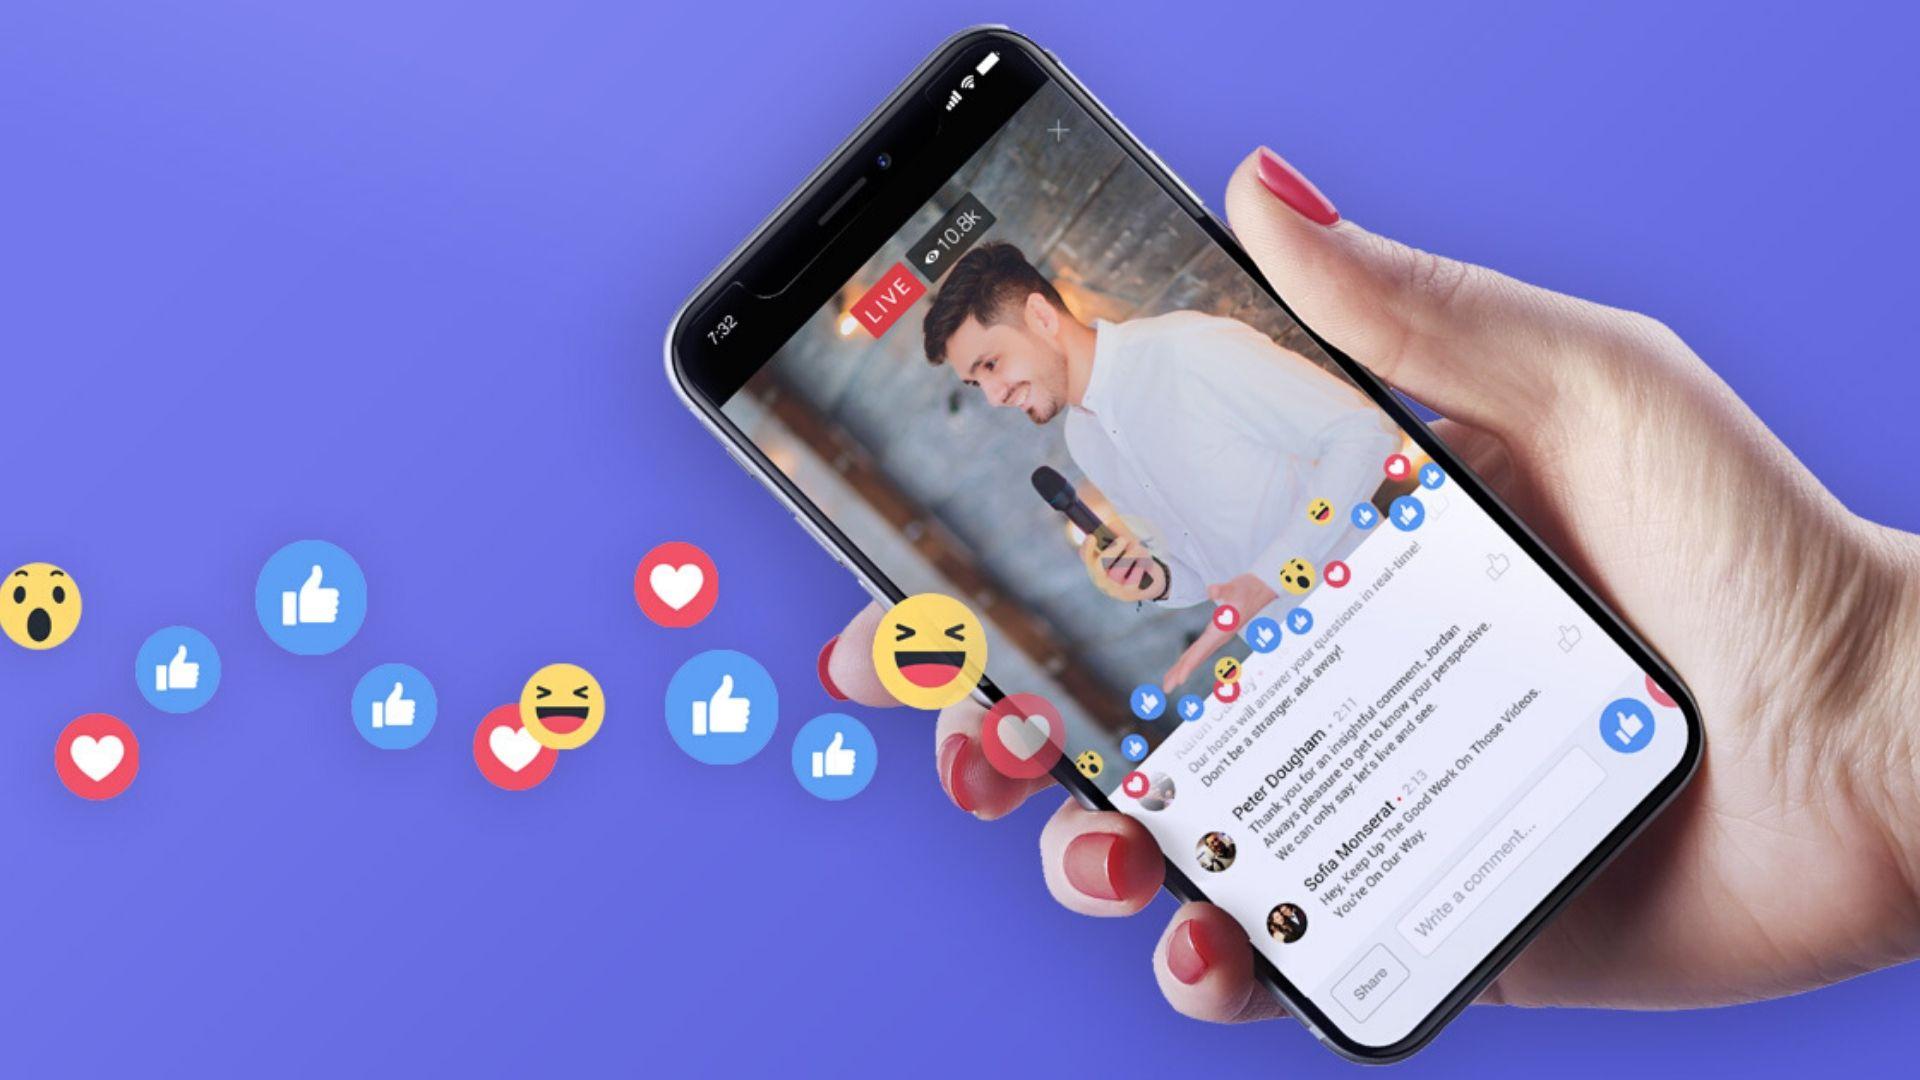 Facebook-ზე ფასიანი Live ვიდეოების გაშვება იქნება შესაძლებელი